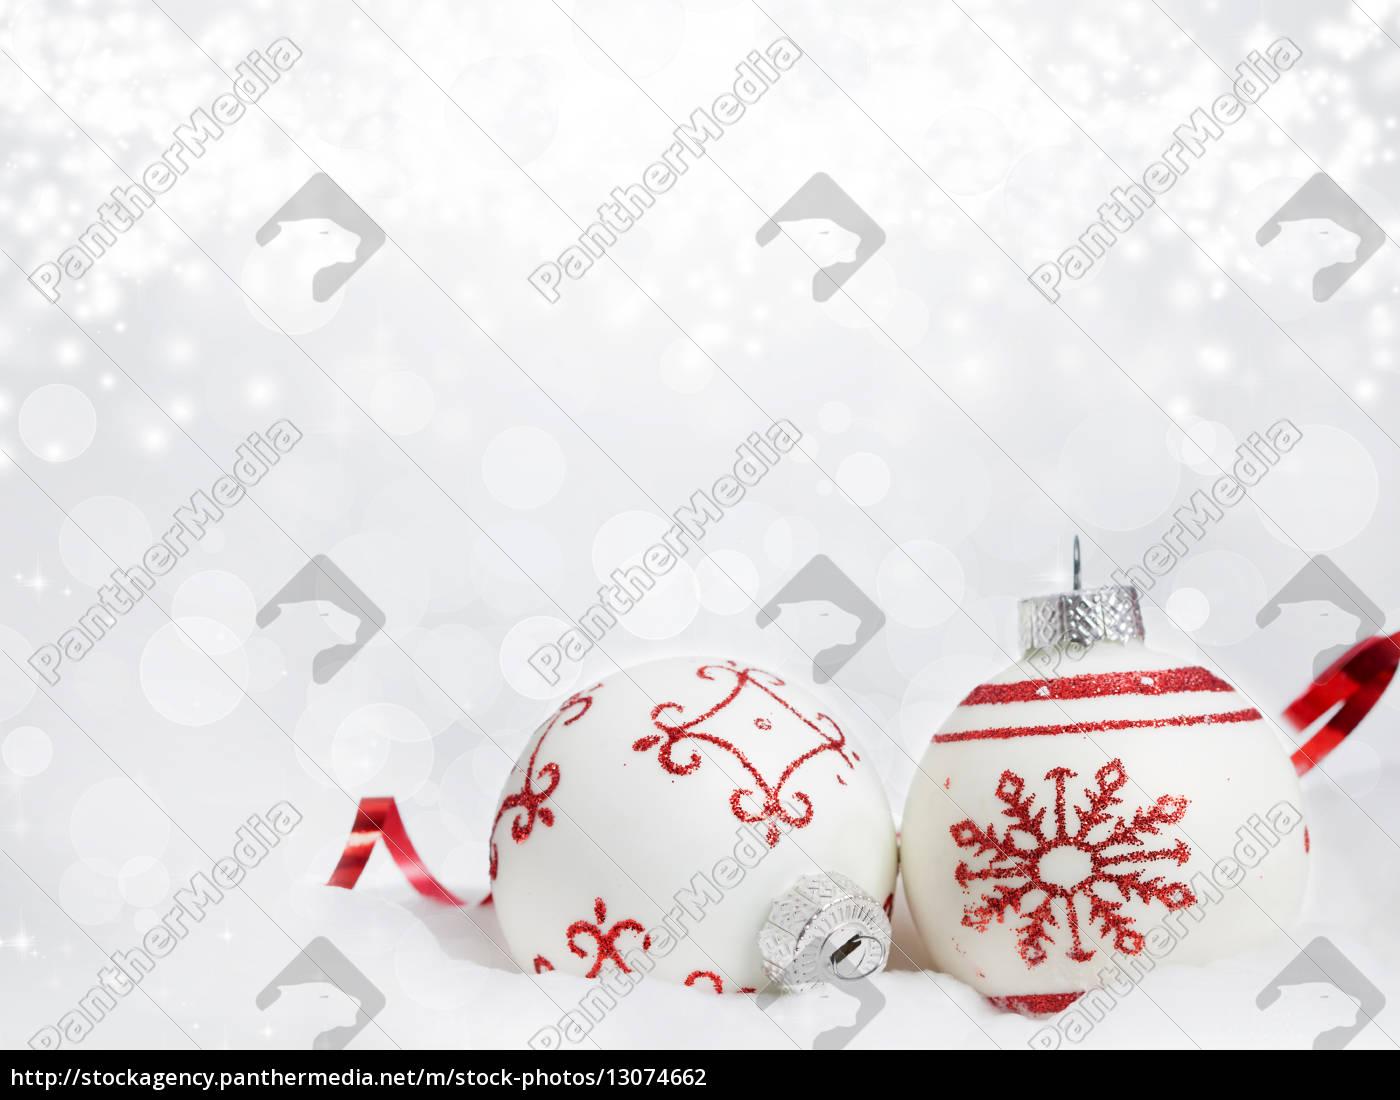 boże, narodzenie, z, czerwonymi, dekoracjami - 13074662